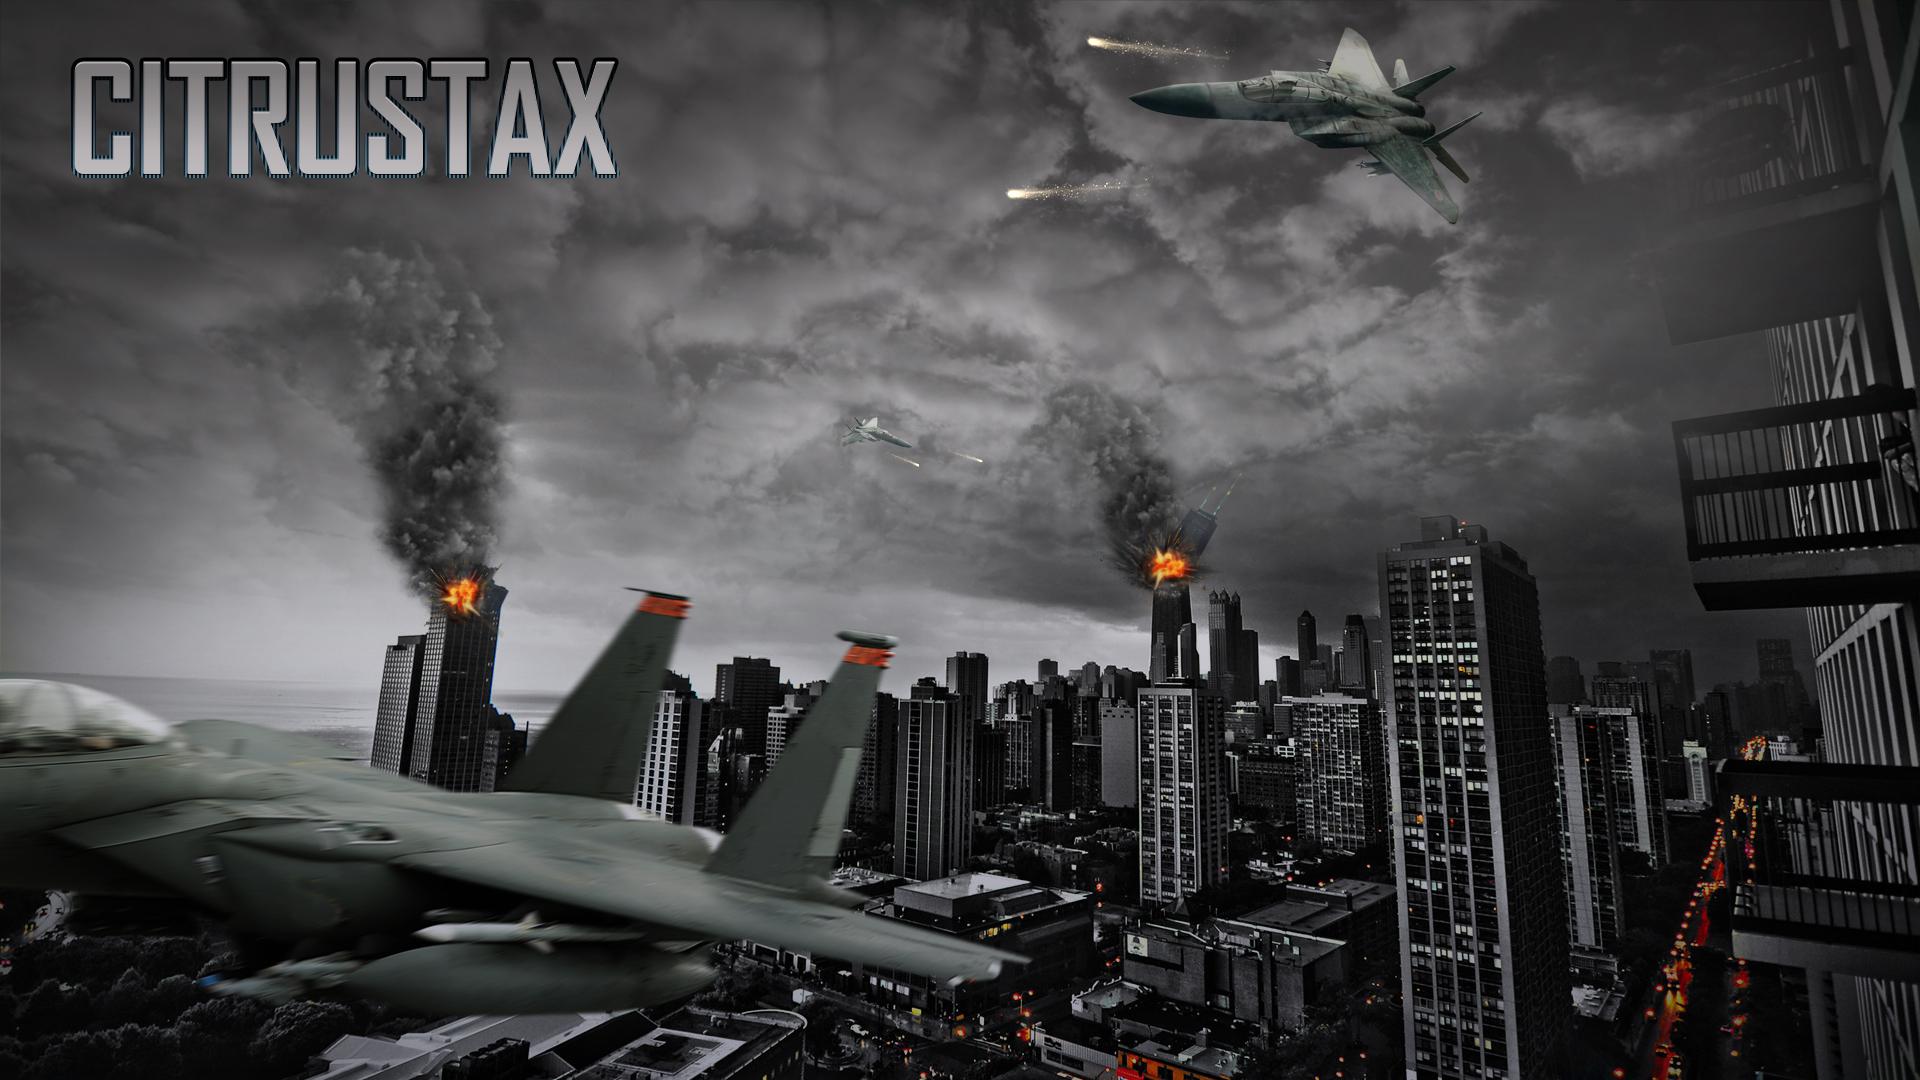 Battlefield 3 wallpaper 1080p City War by PixelDesignNL 1920x1080